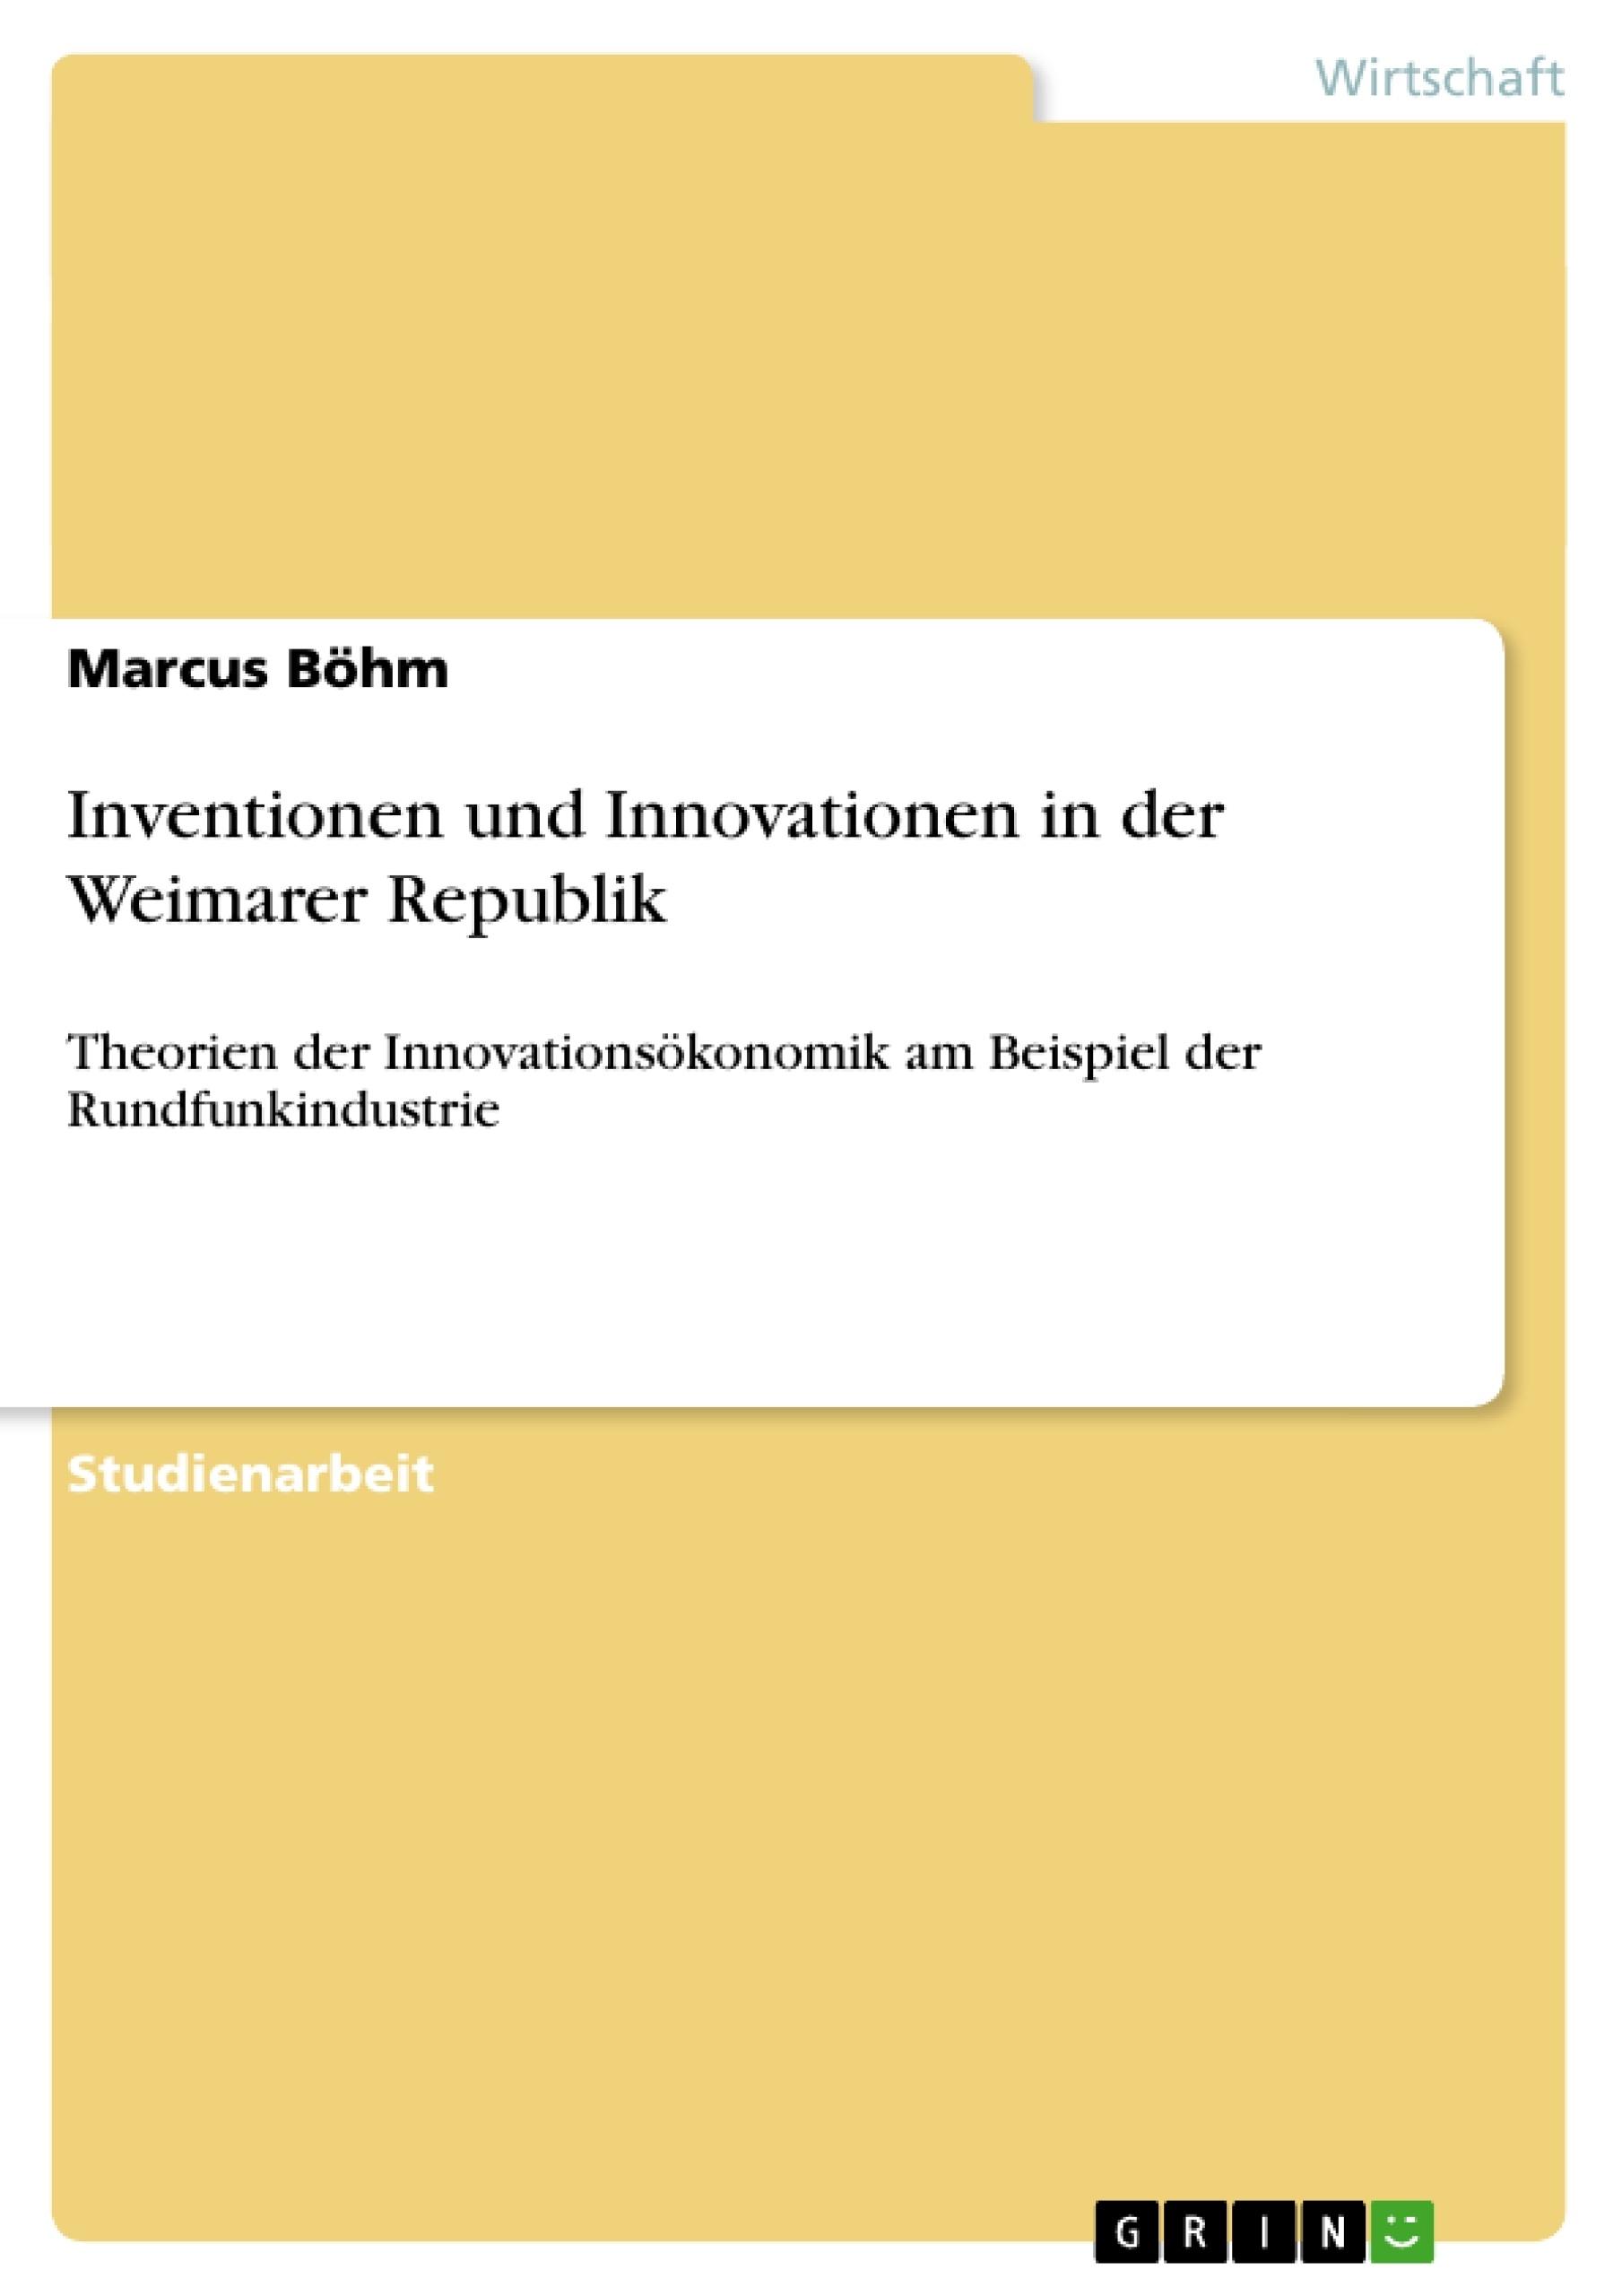 Titel: Inventionen und Innovationen in der Weimarer Republik